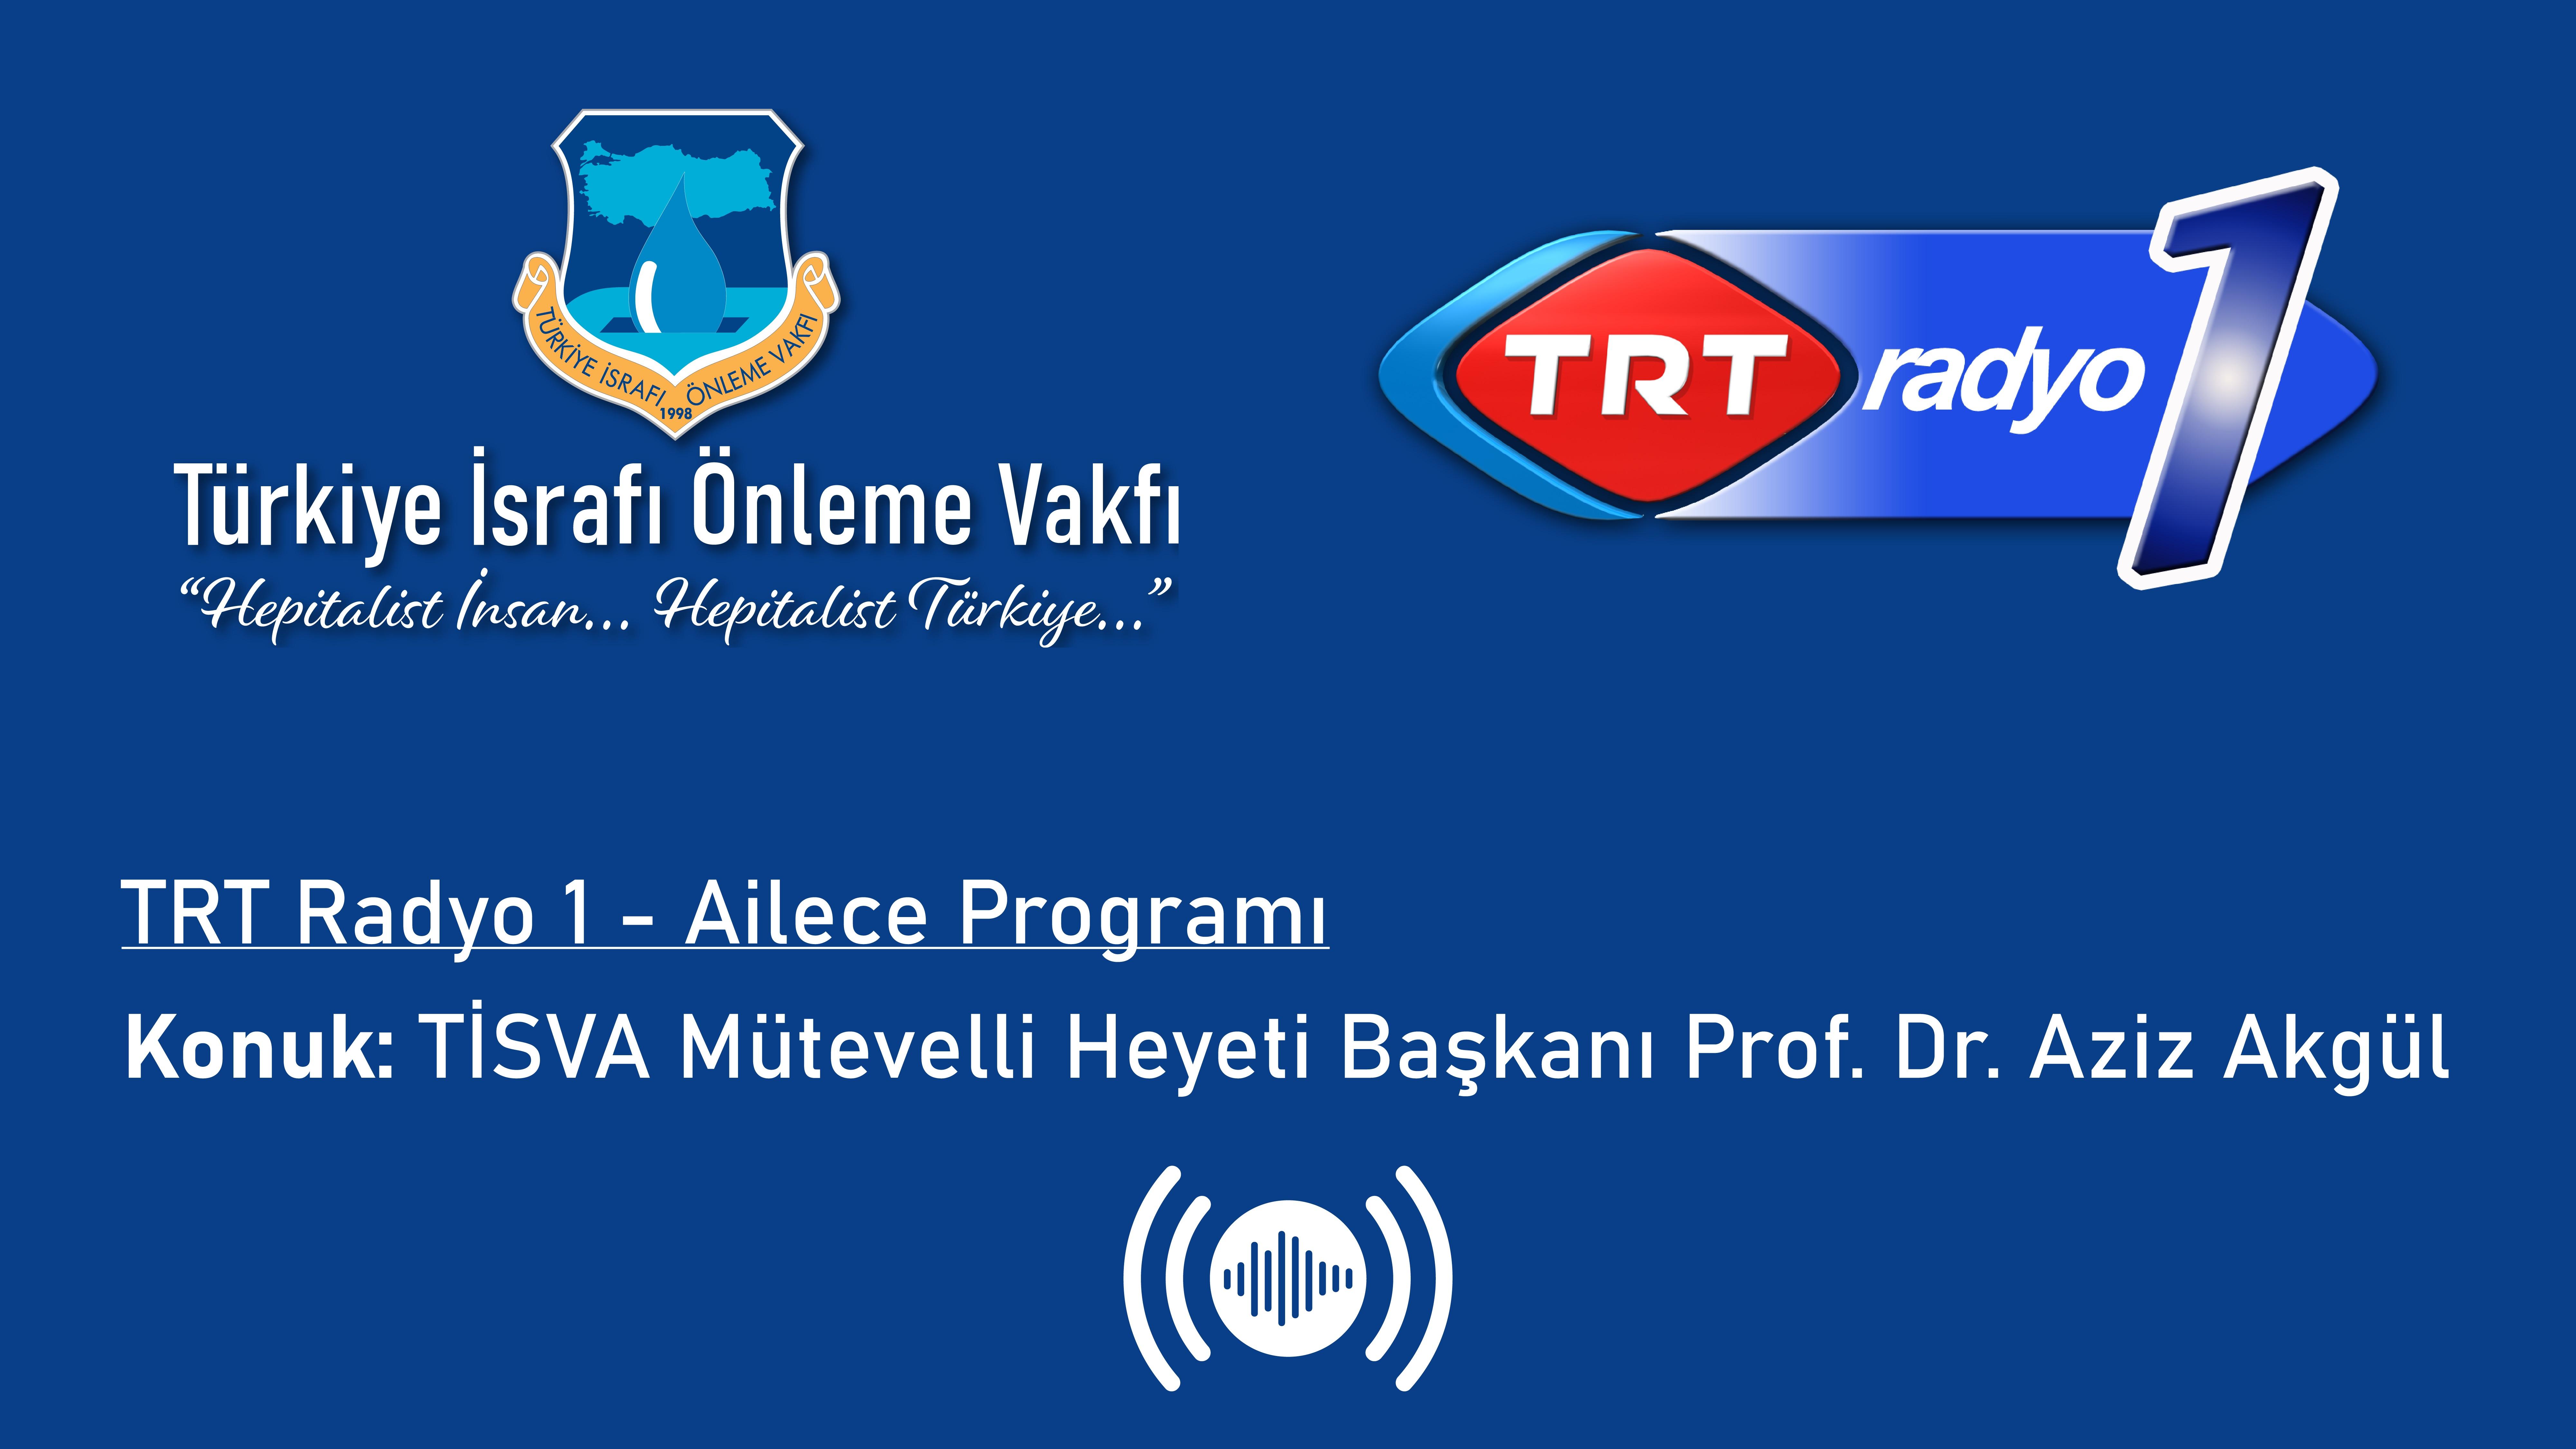 TRT 1 Radyo - Ailece Programı Gıda İsrafı Yayını